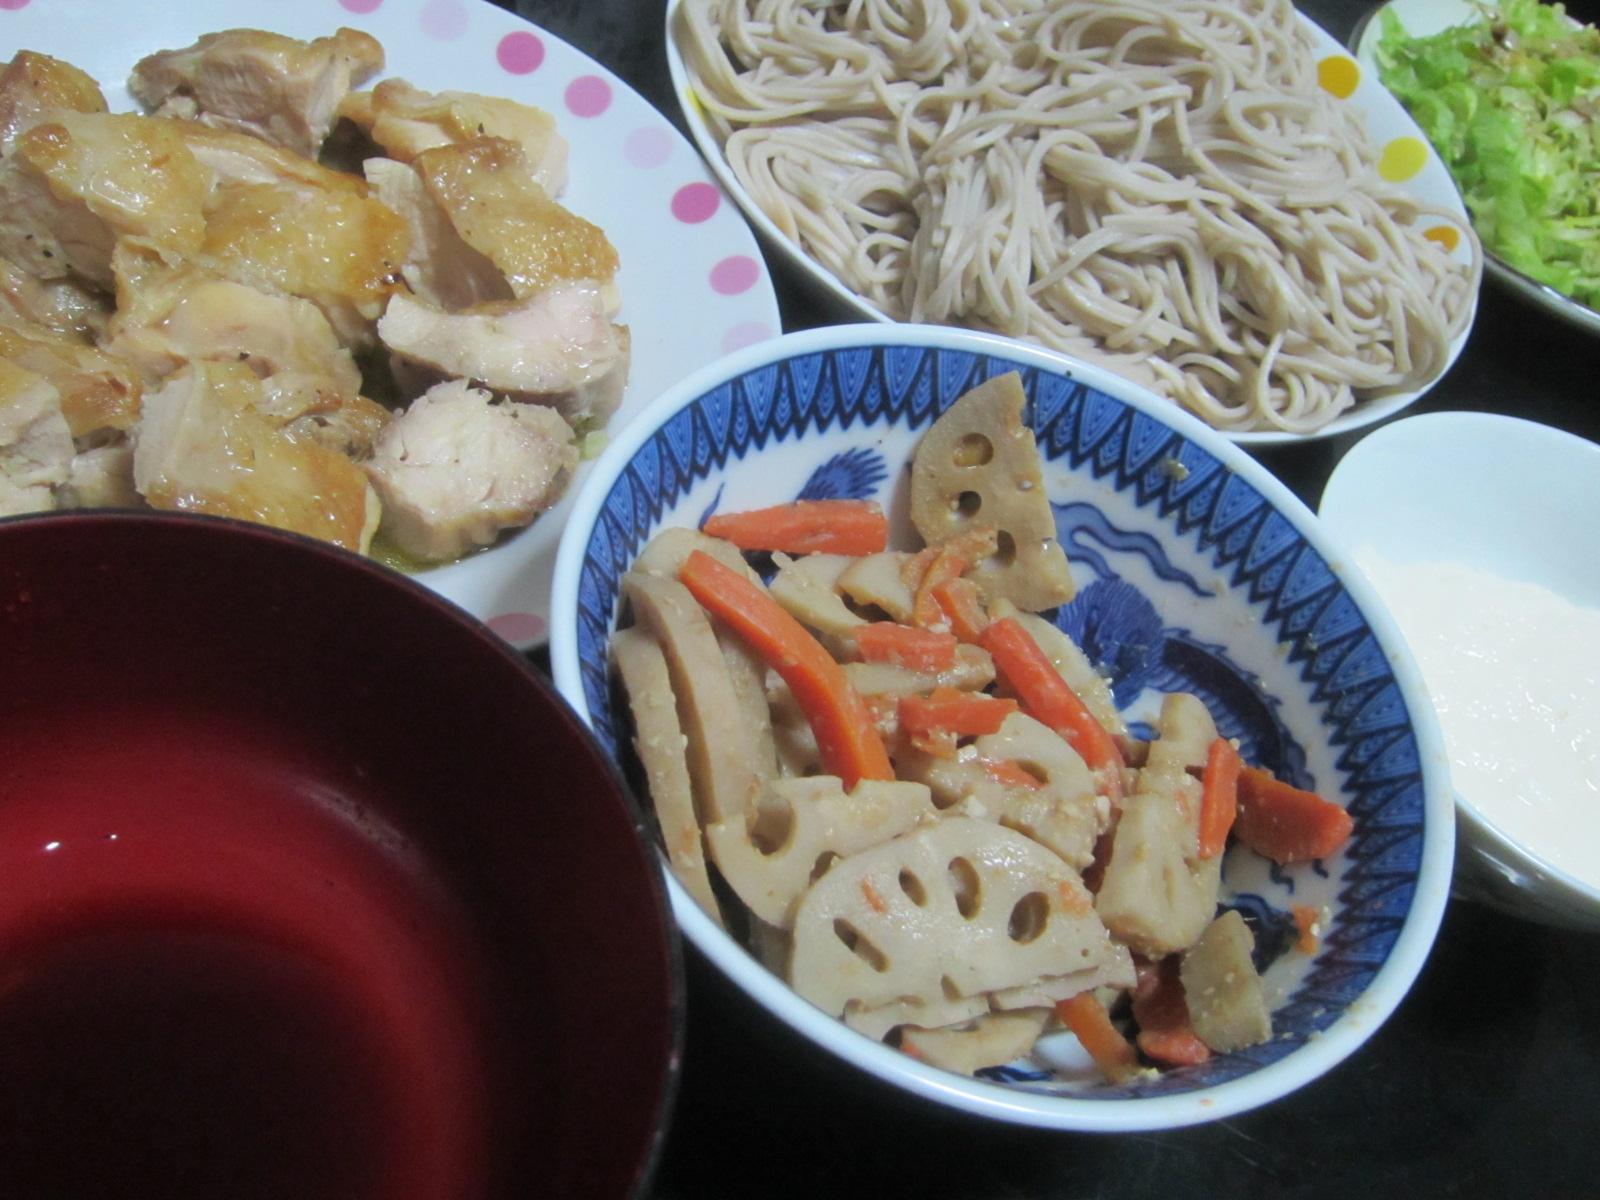 IMG 0014 - 北海道産100%鶏鍋 / この時期になると道産野菜が手に入りづらいです